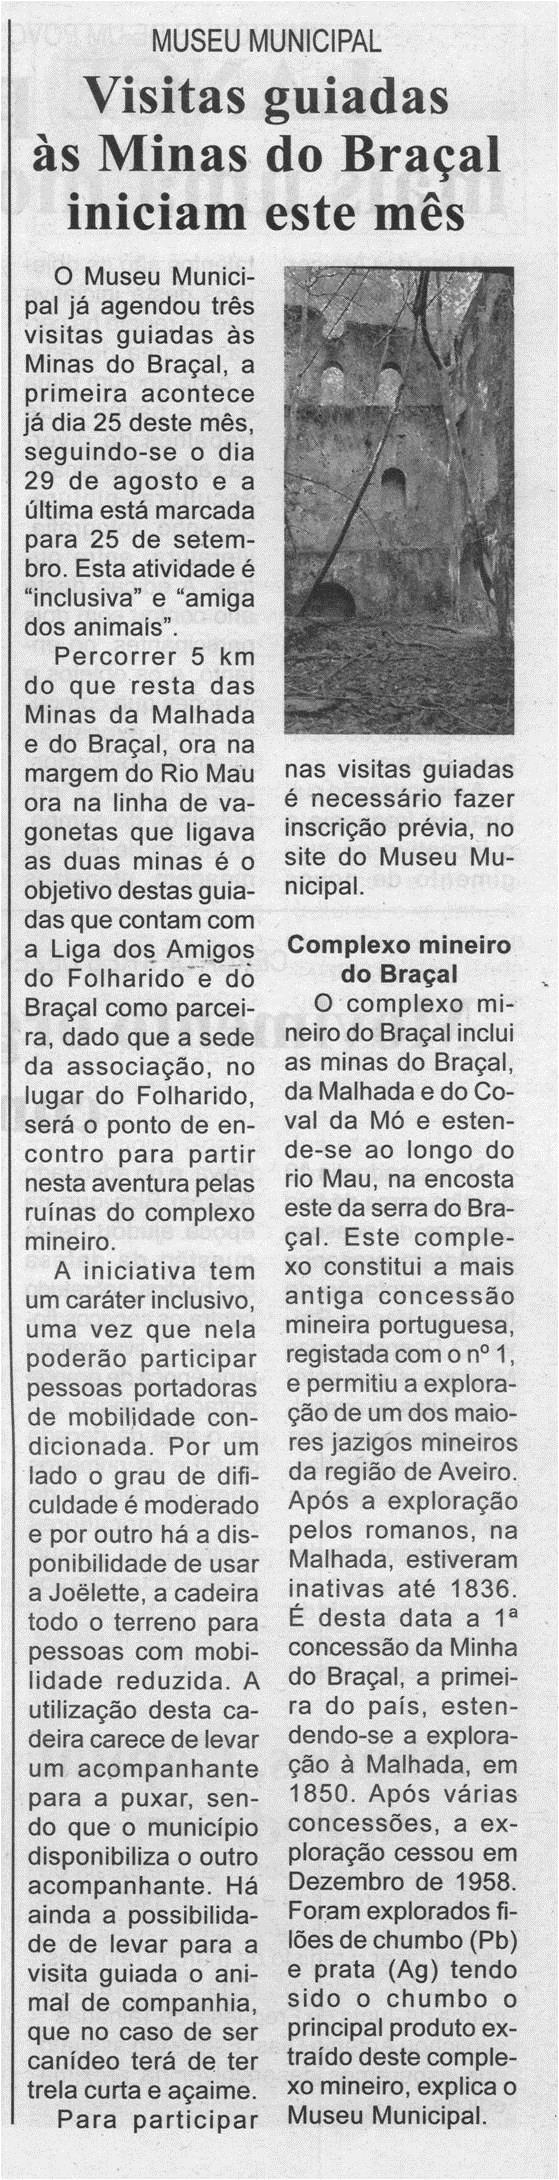 BV-2.ªjul.'21-p.3-Museu Municipal : visitas guiadas às Minas do Braçal iniciam este mês.jpg